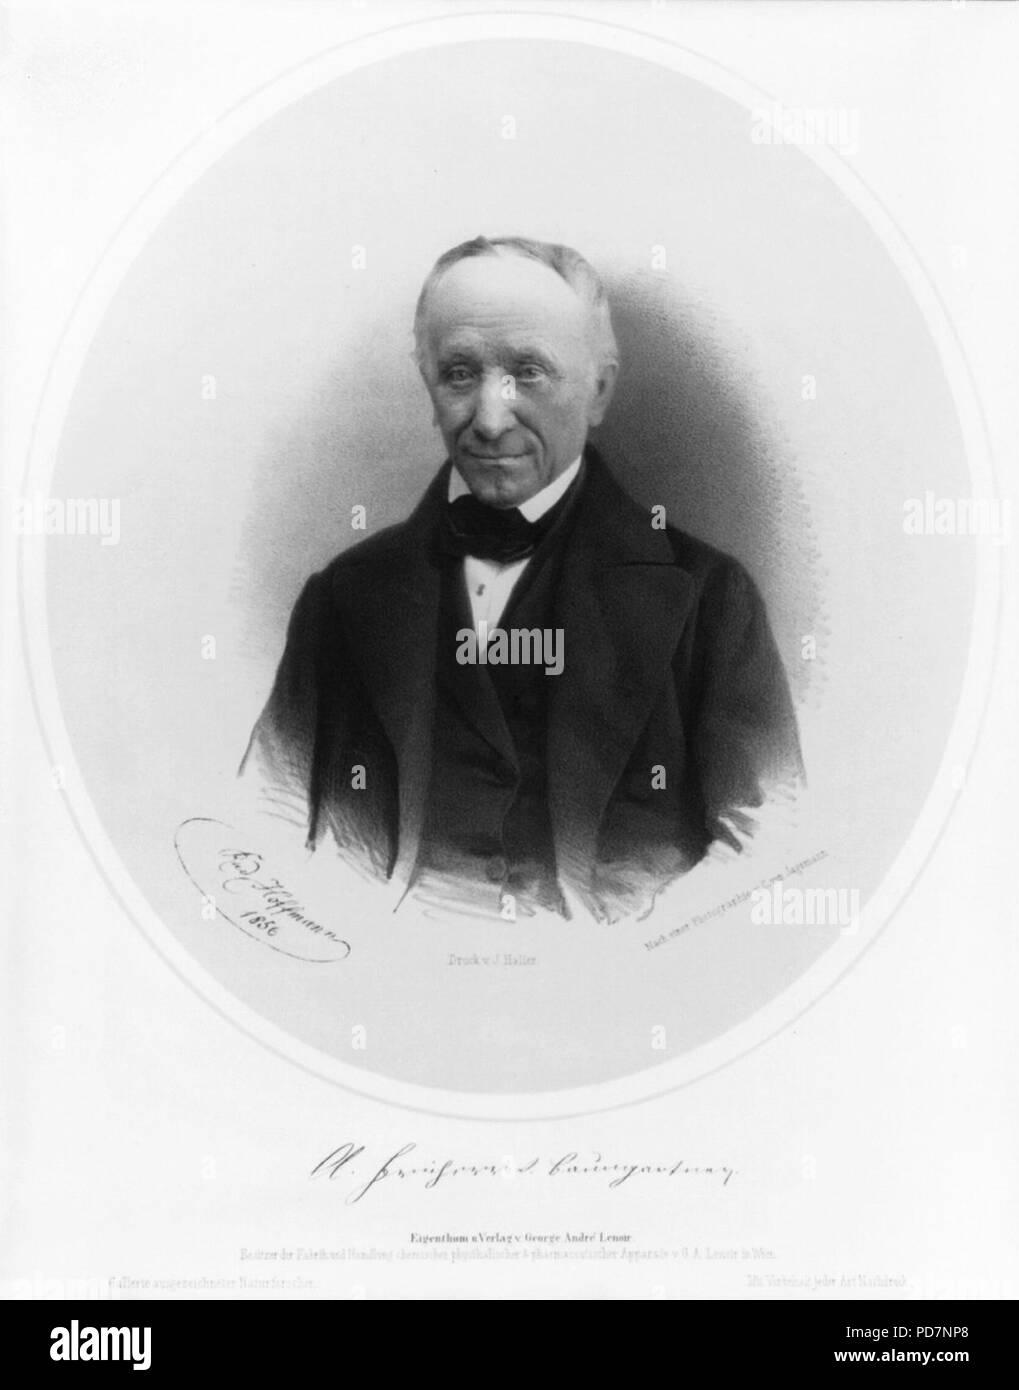 Andreas, Freiherr von Baumgartner, 1793-1865 - Stock Image